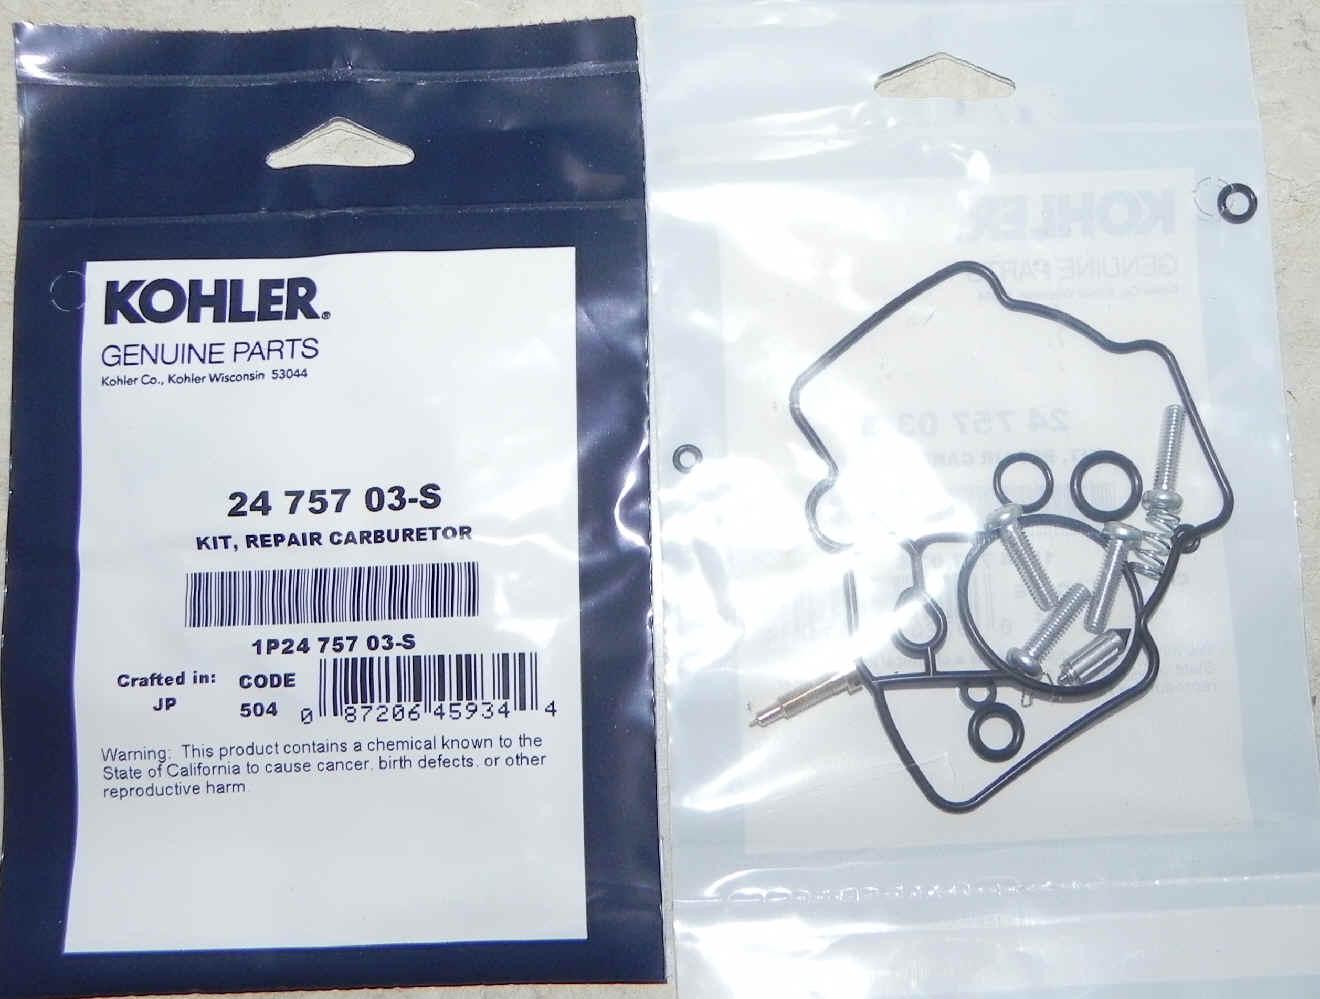 Kohler Carburetor Repair Kit 24 757 03-S